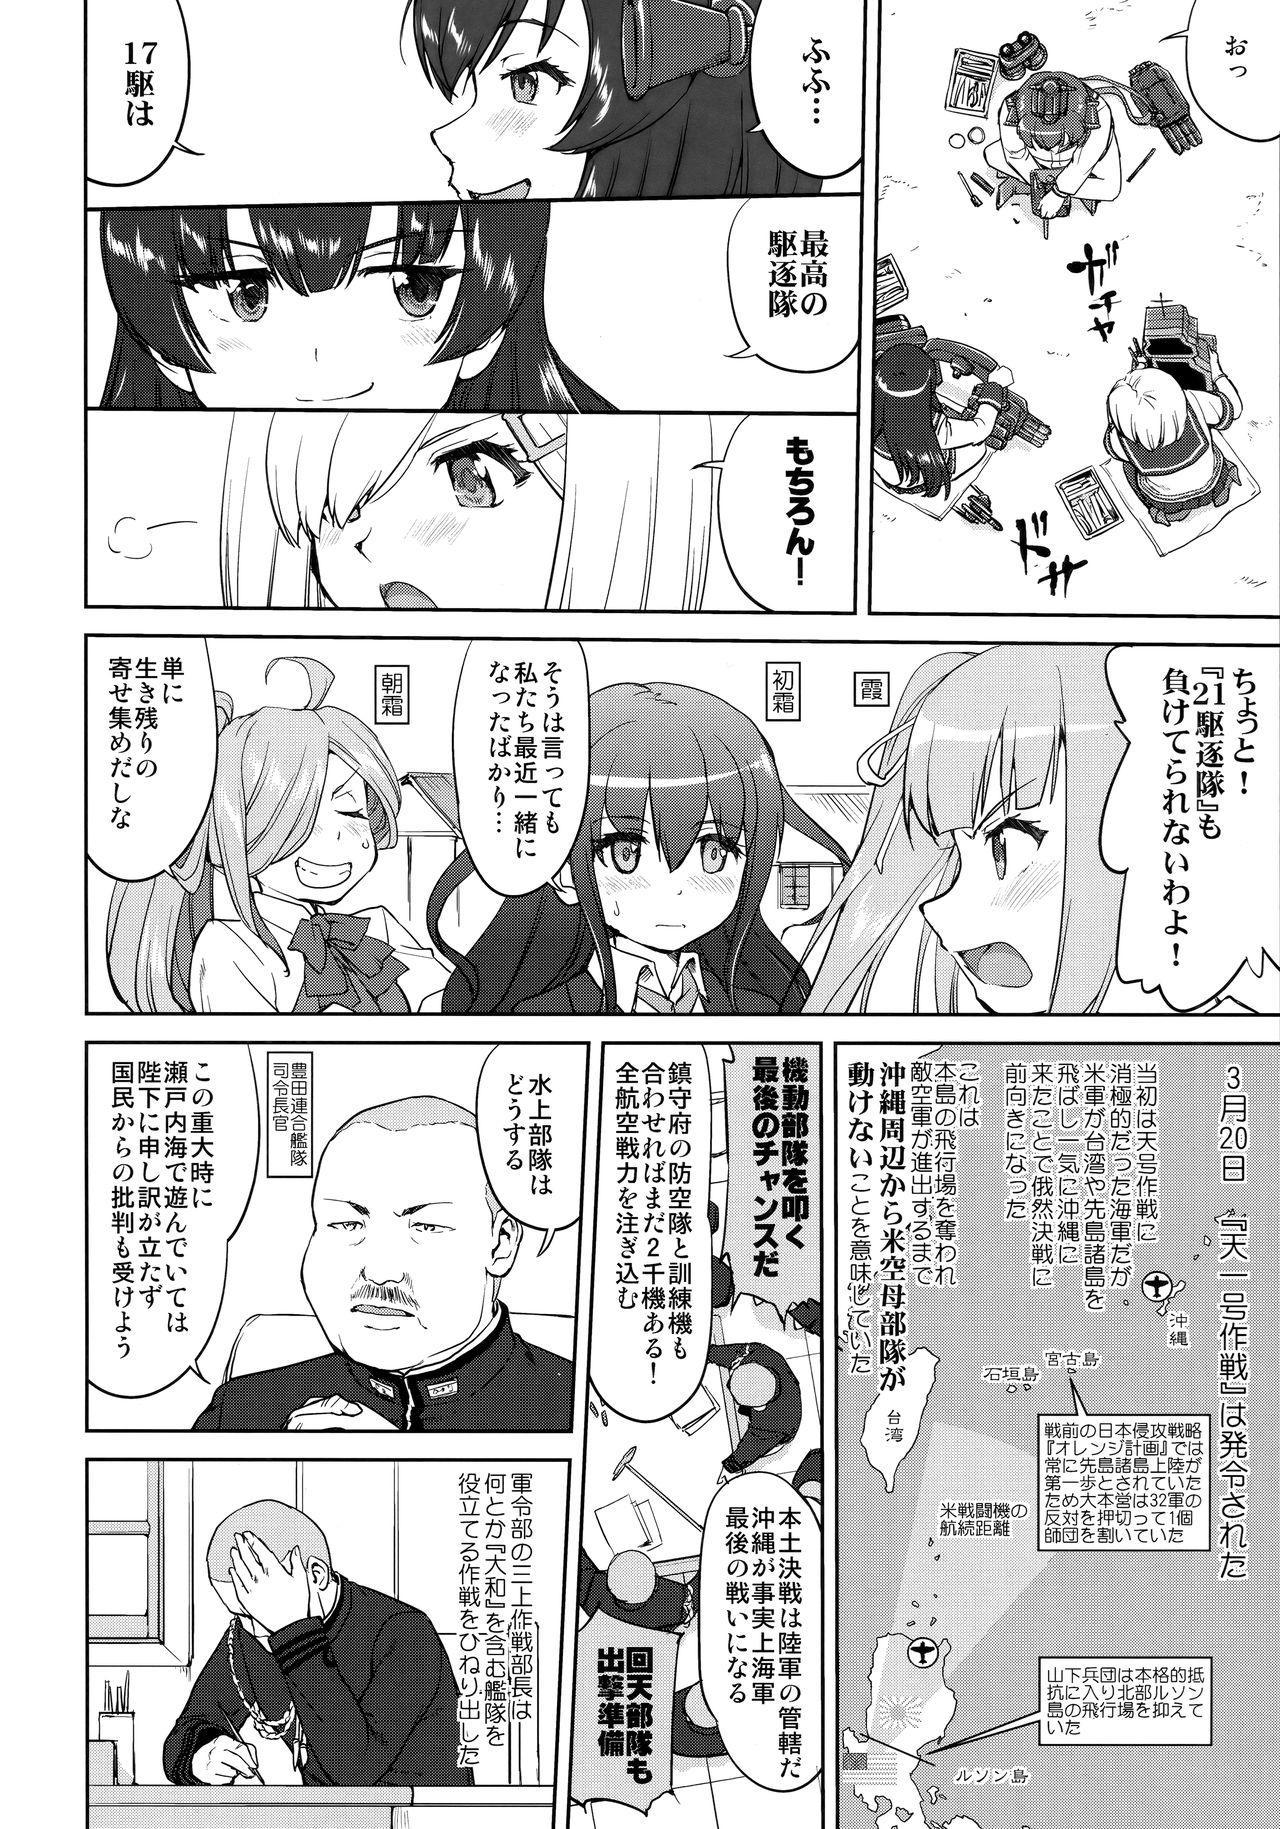 Teitoku no Ketsudan Kanmusu no Ichiban Nagai Hi 3